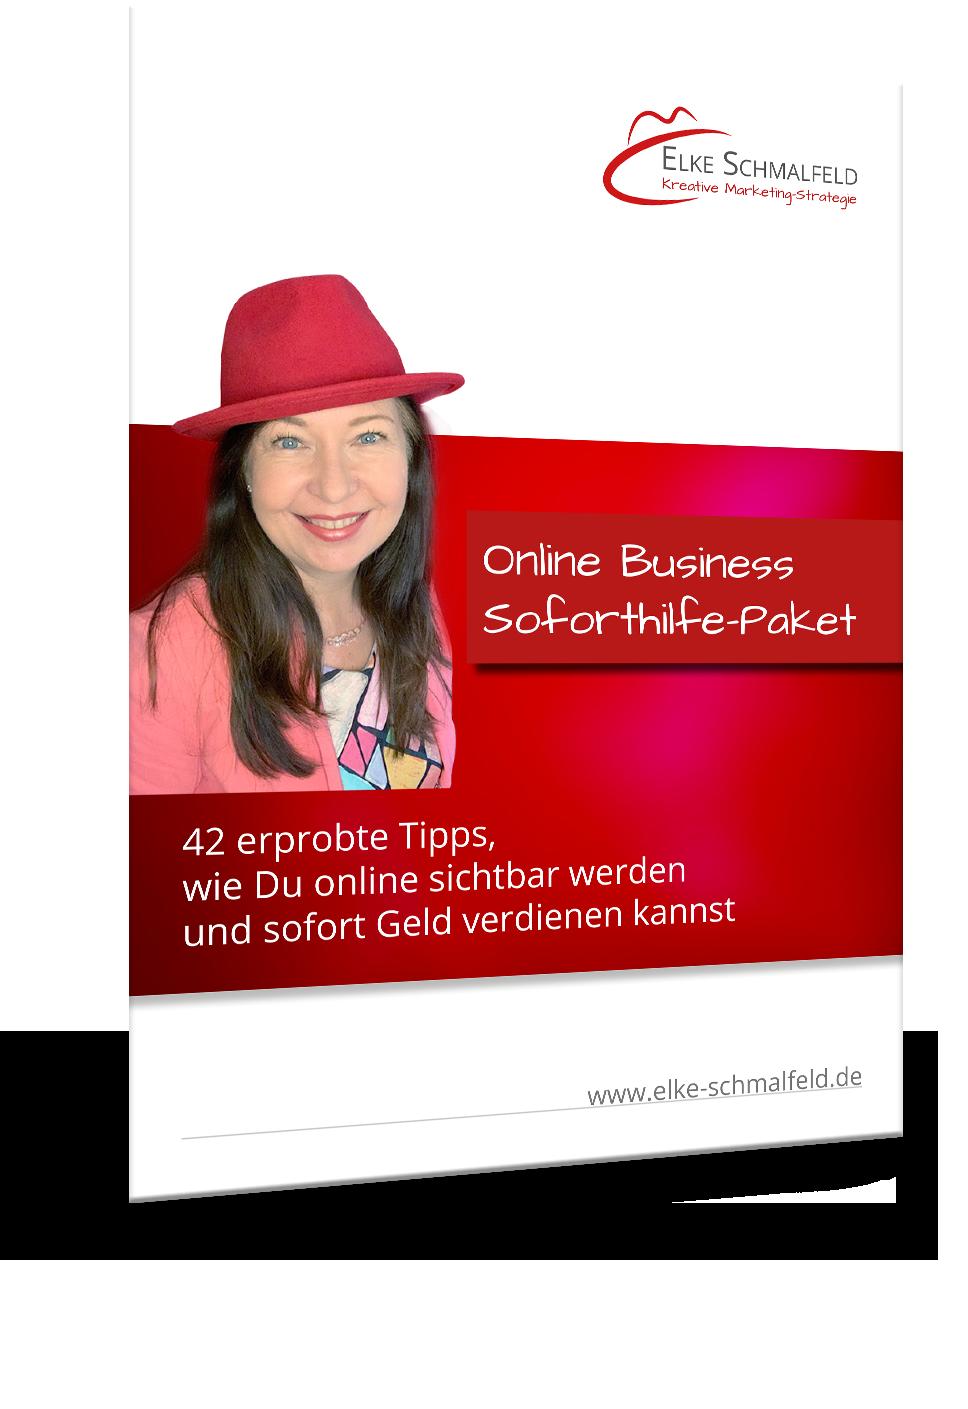 Online Business-Starthilfe-Paket Elke Schmalfeld